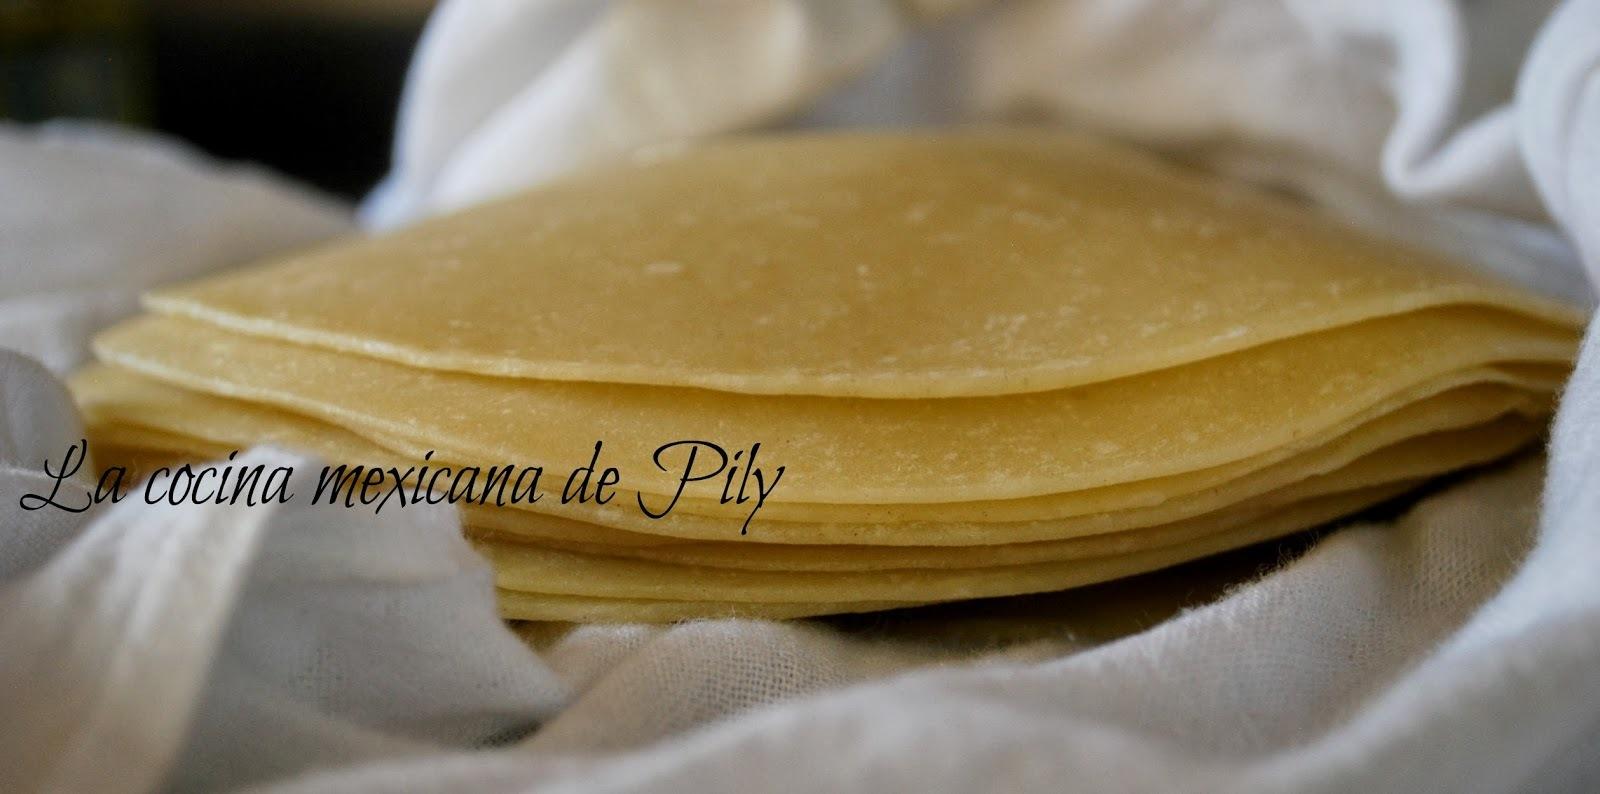 Básicos: ¿Cómo hacer tortillas de harina en casa?